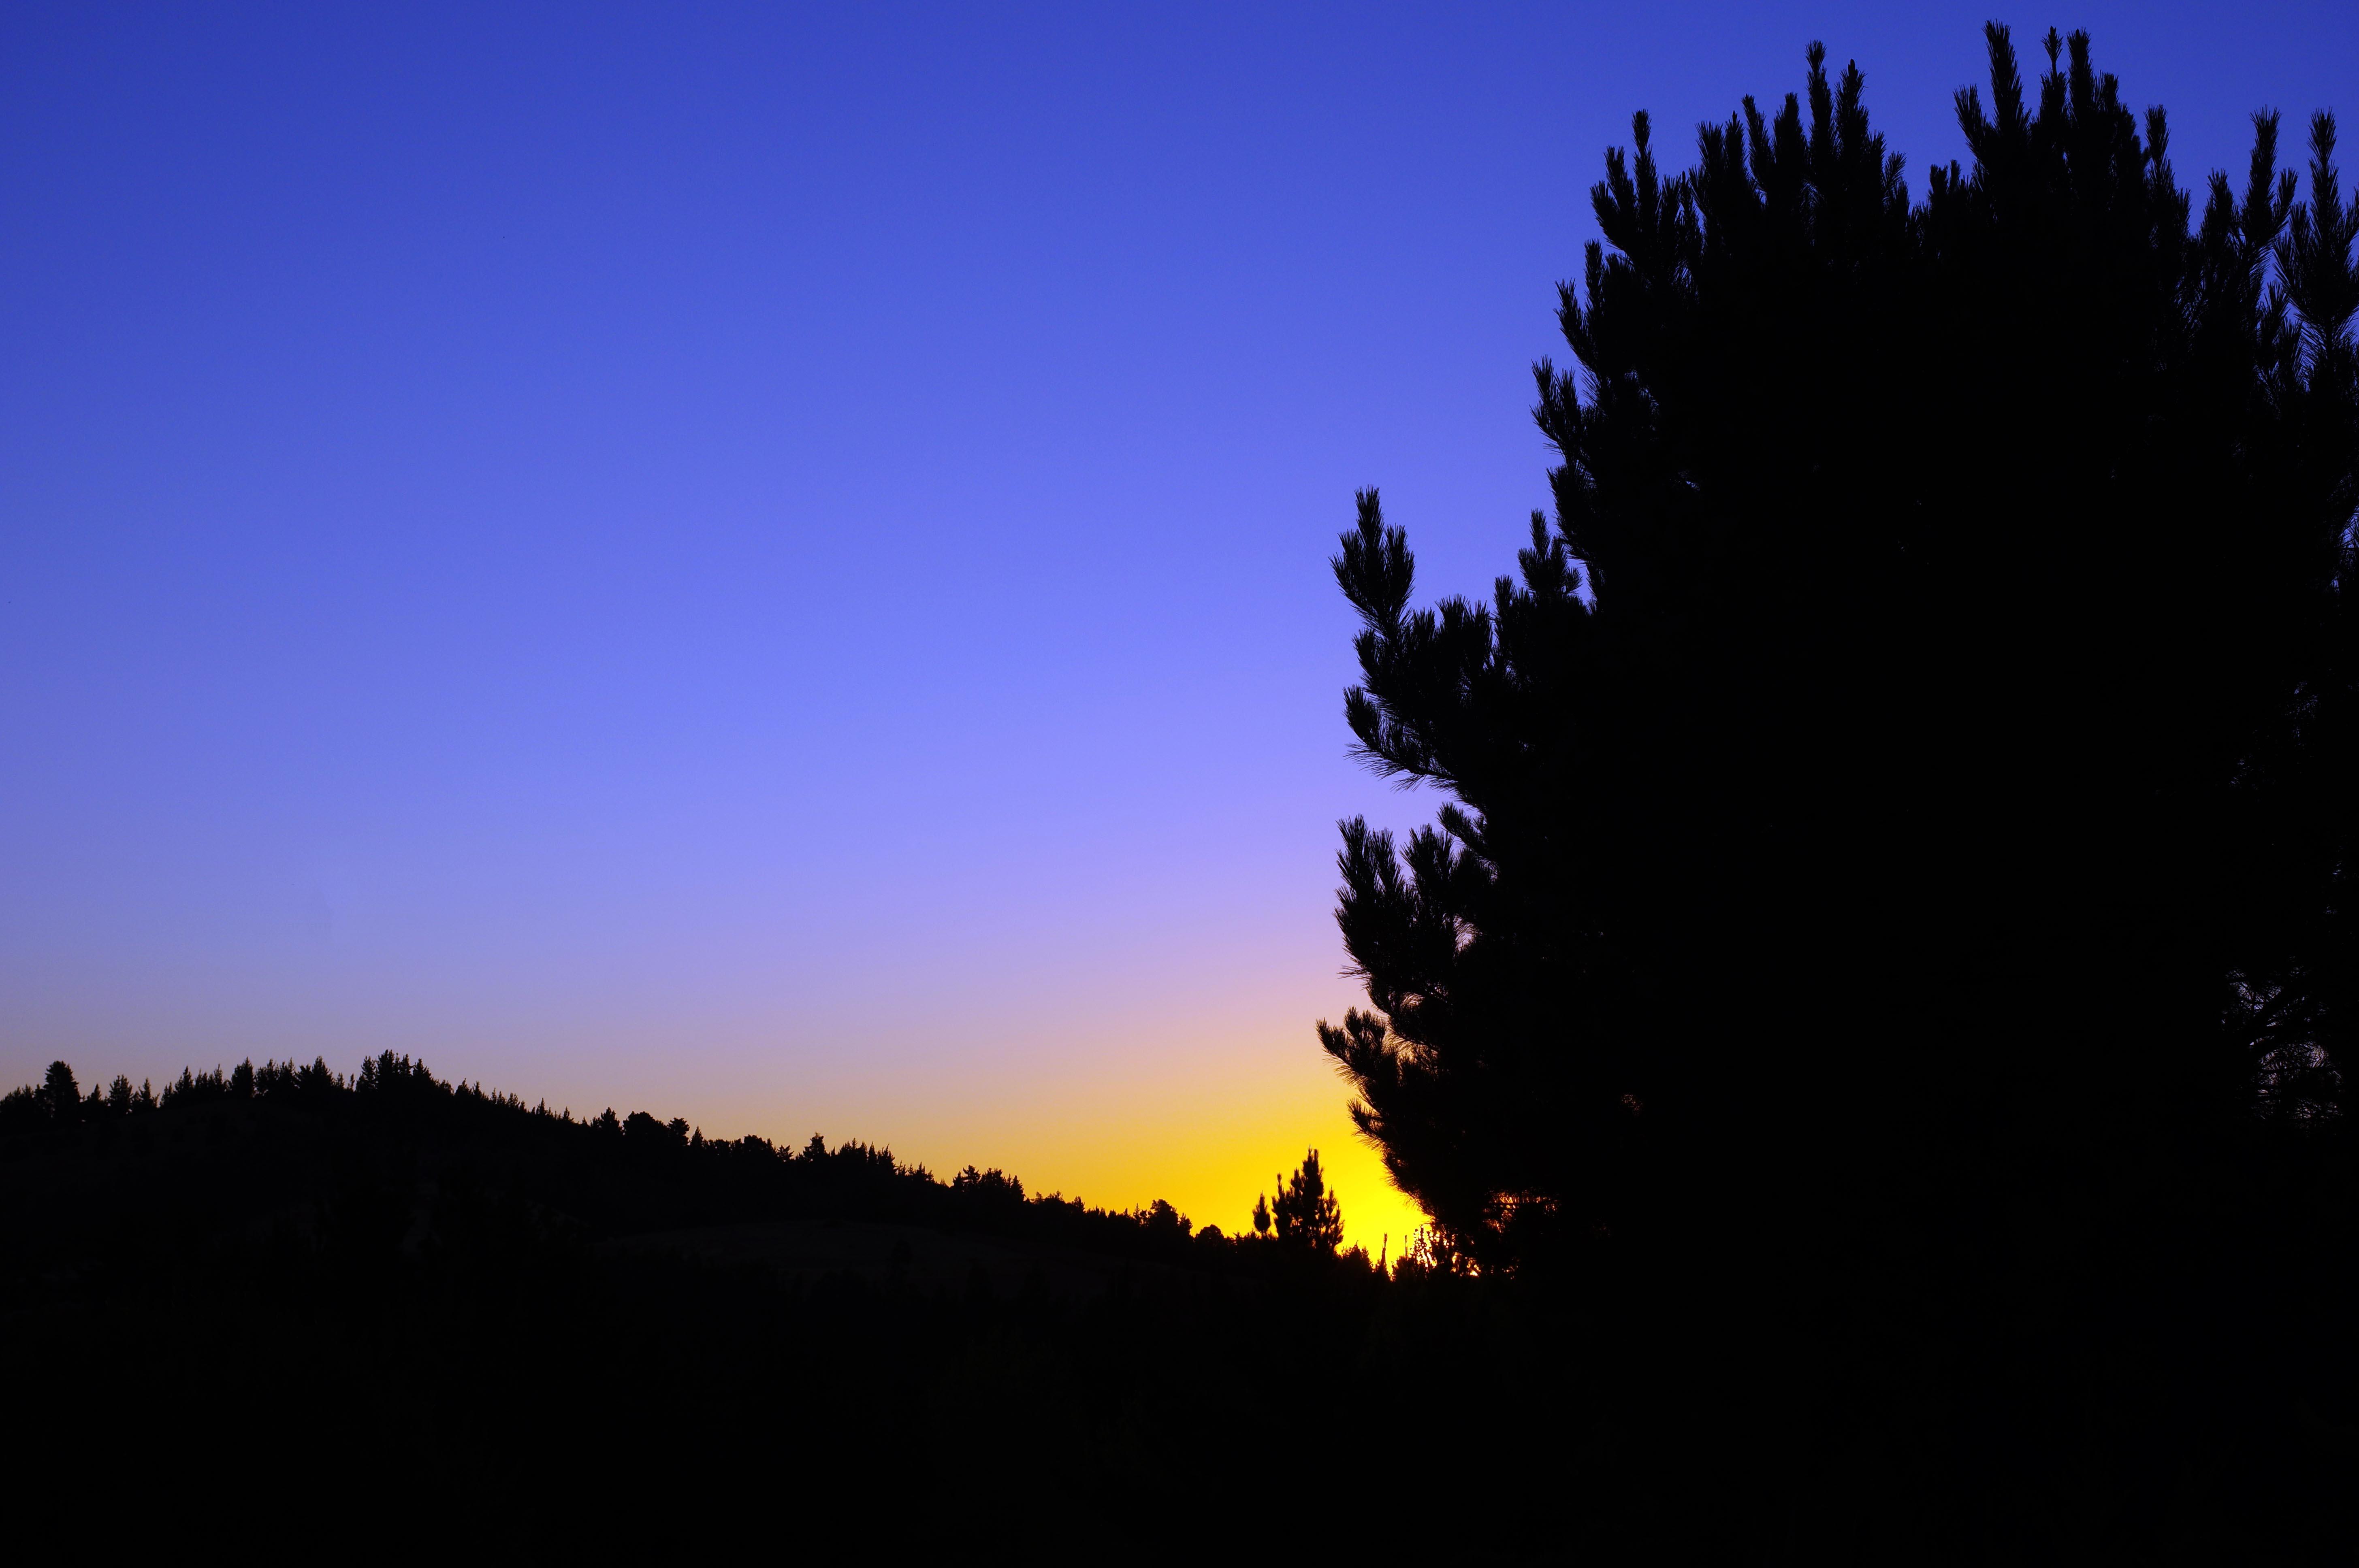 180207_Finca-sunset11